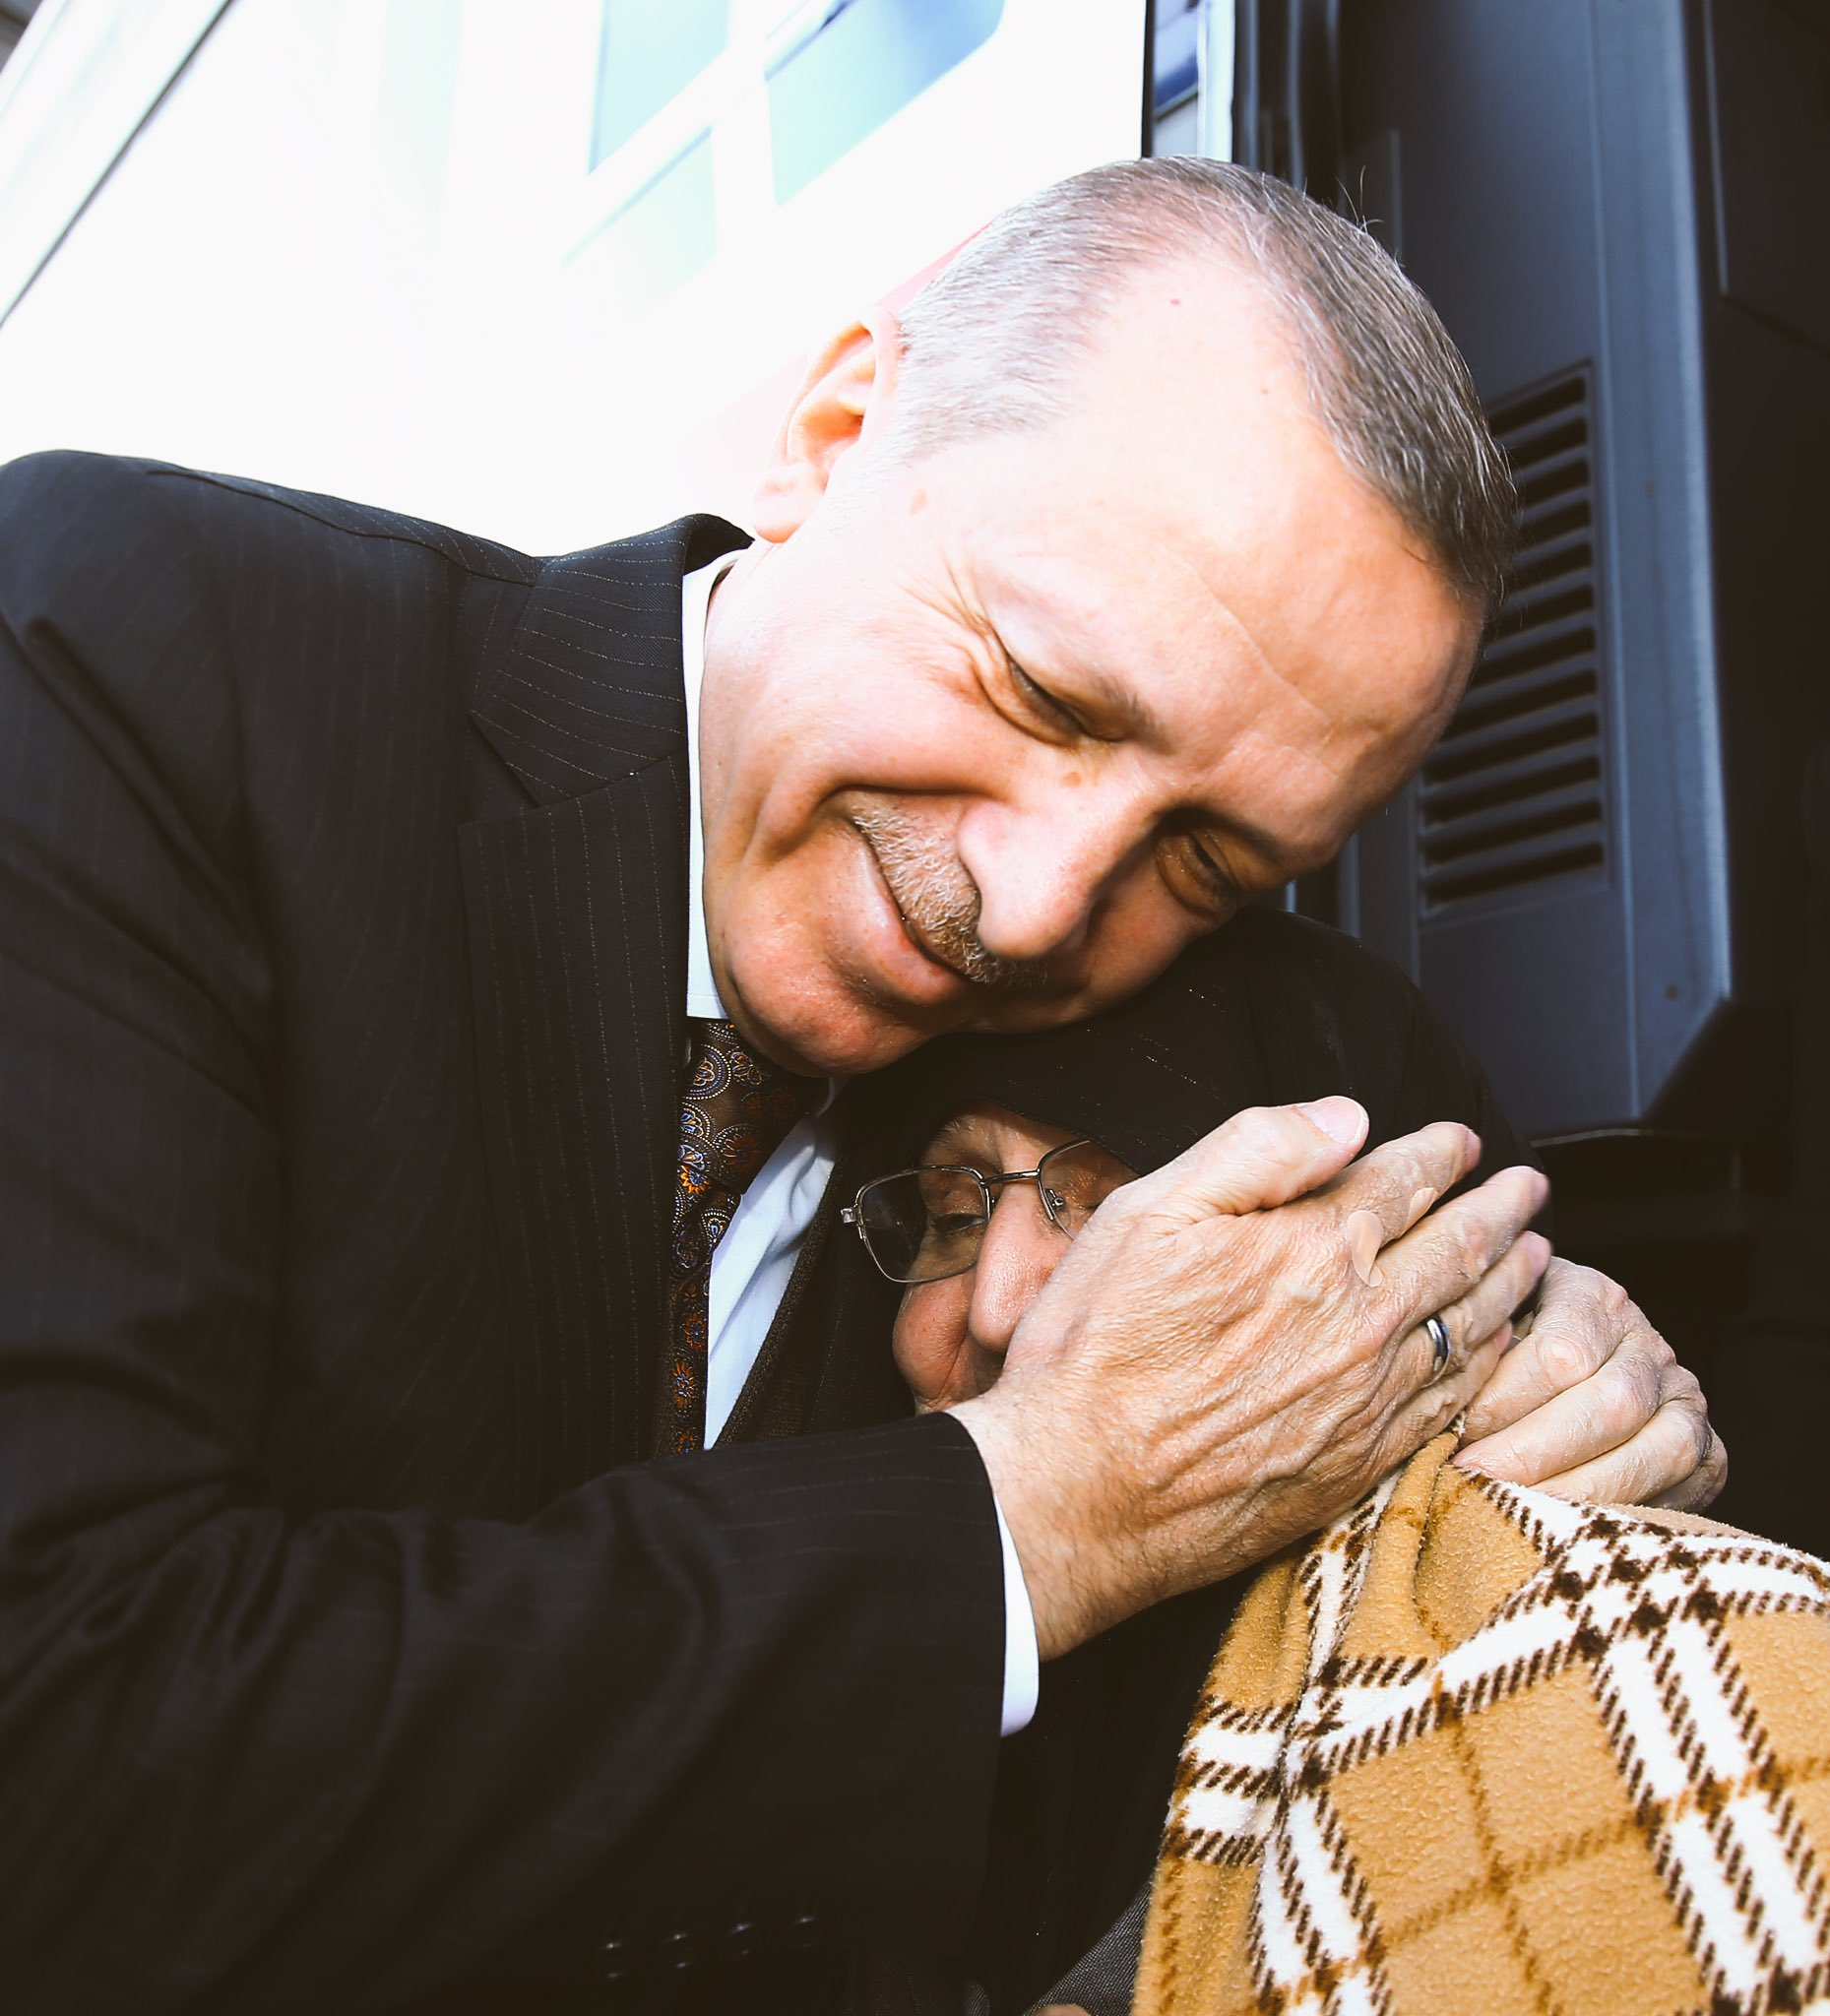 Diyarbakır... https://t.co/ZtqeVhpNha